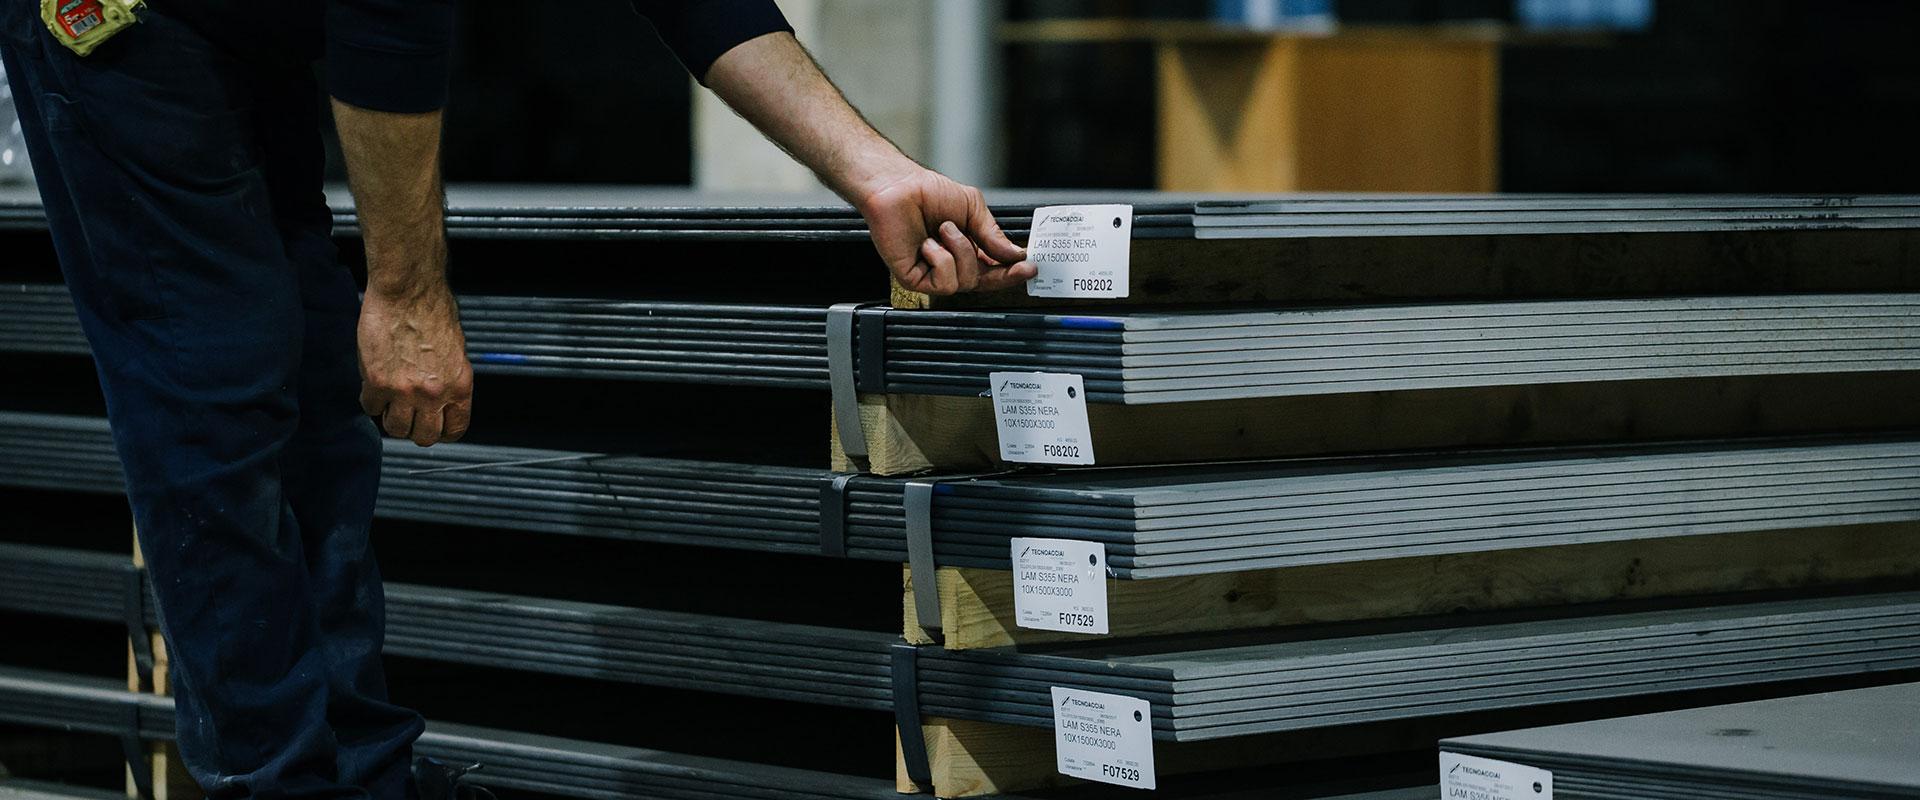 lamiere da coils - tecnoacciai vendita acciaio inox, siderurgica, acciai per industria meccanica, impiantistica